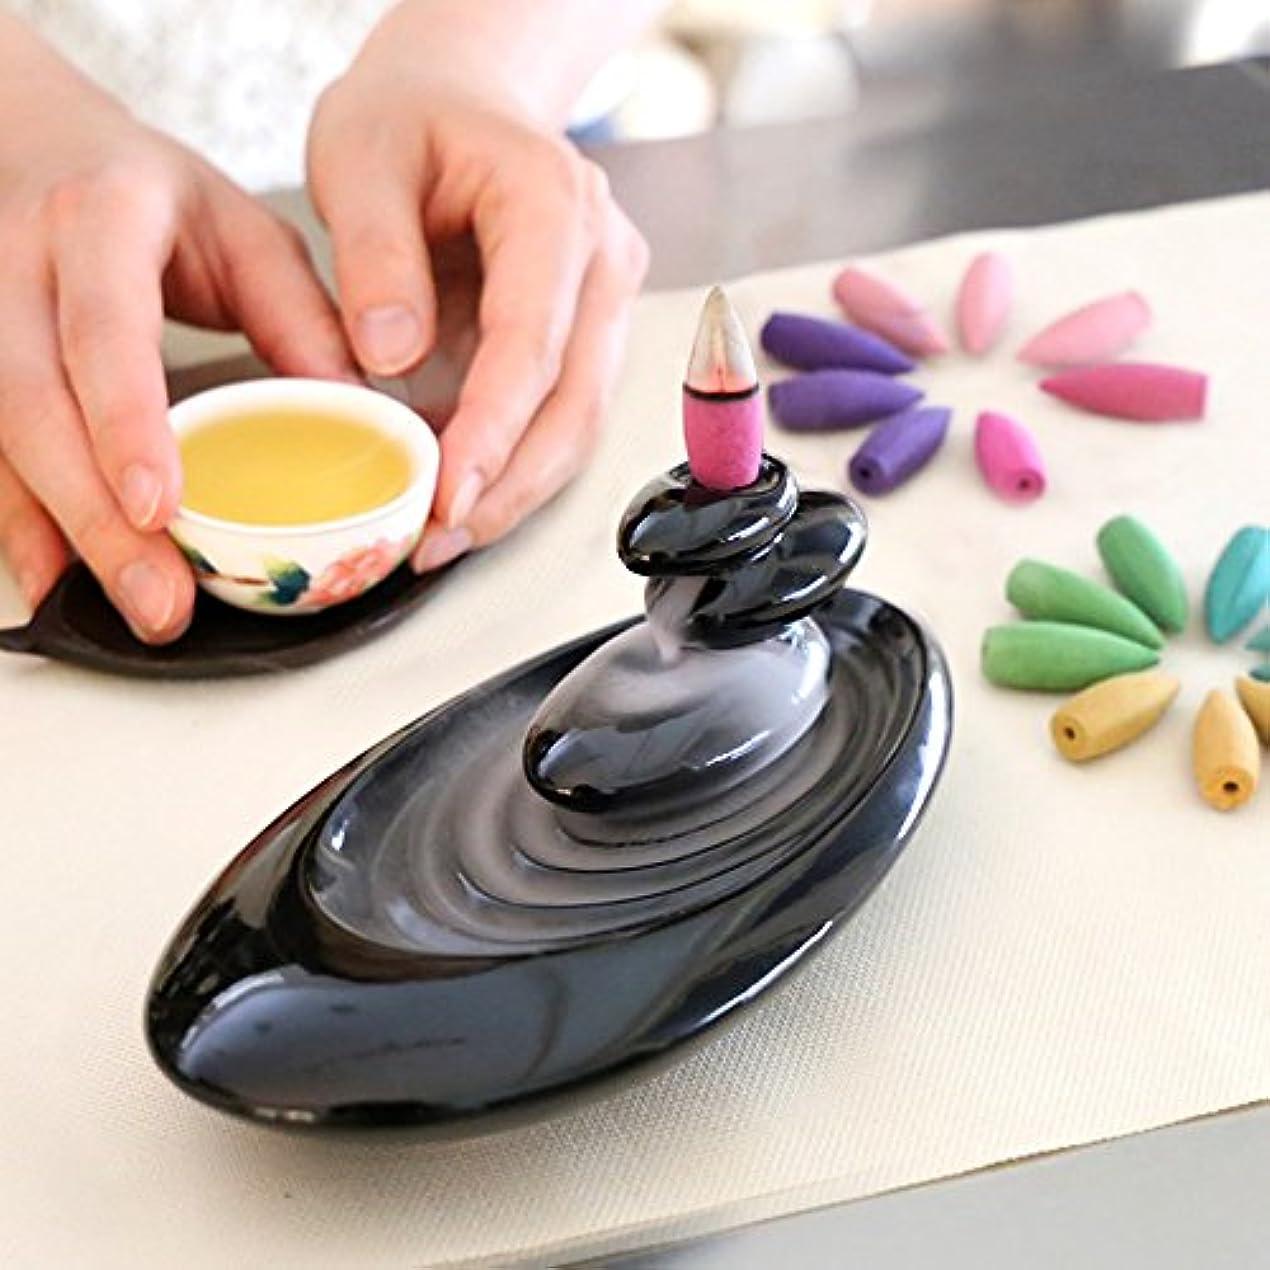 タックル起こる動かない誕生日 プレゼント アロマインセンス 6種の香り の アロマ香炉 BOX 逆流香 (誕生日カード)